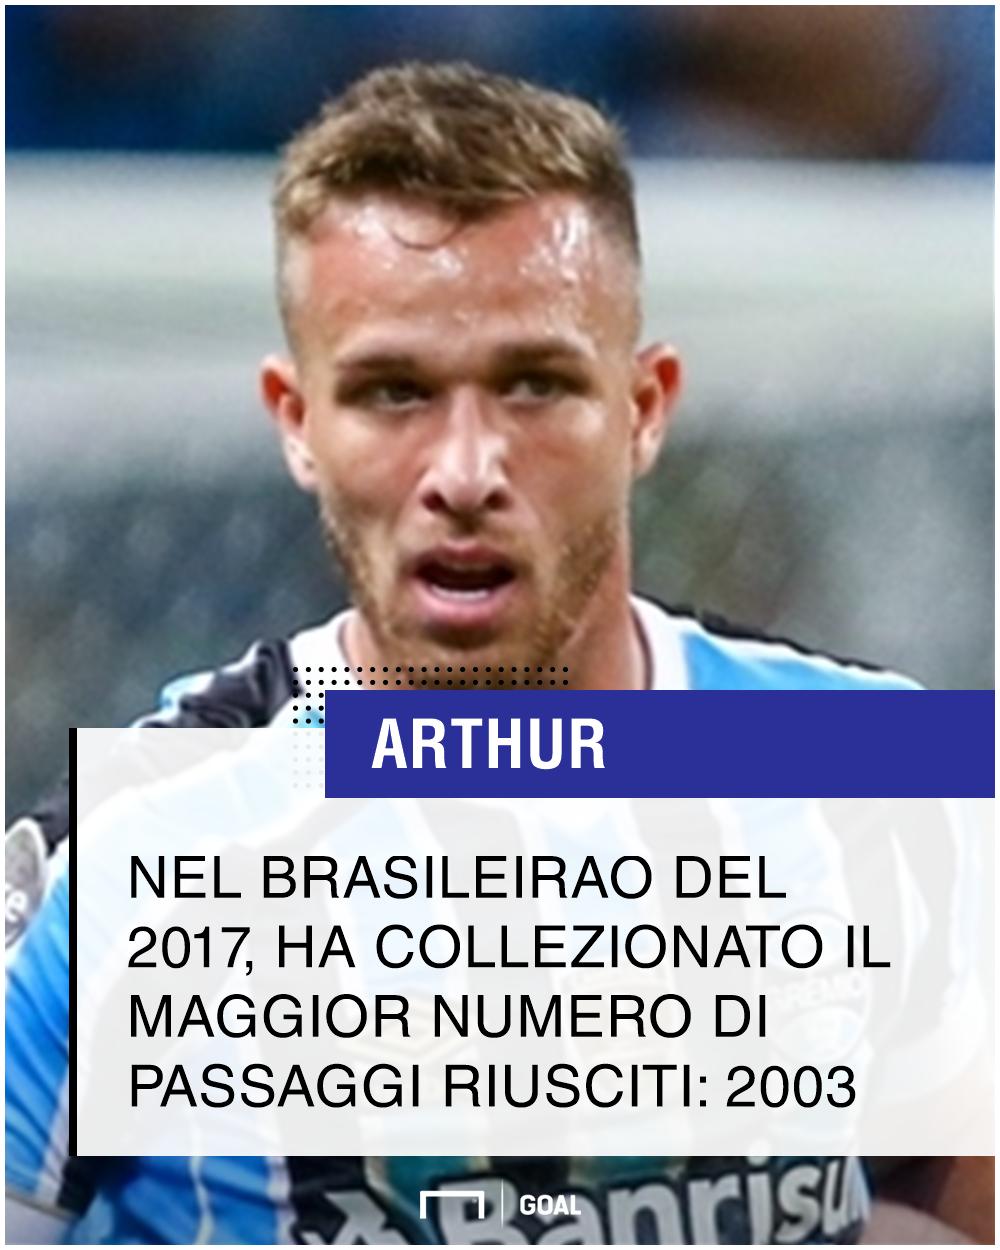 Arthur Gremio